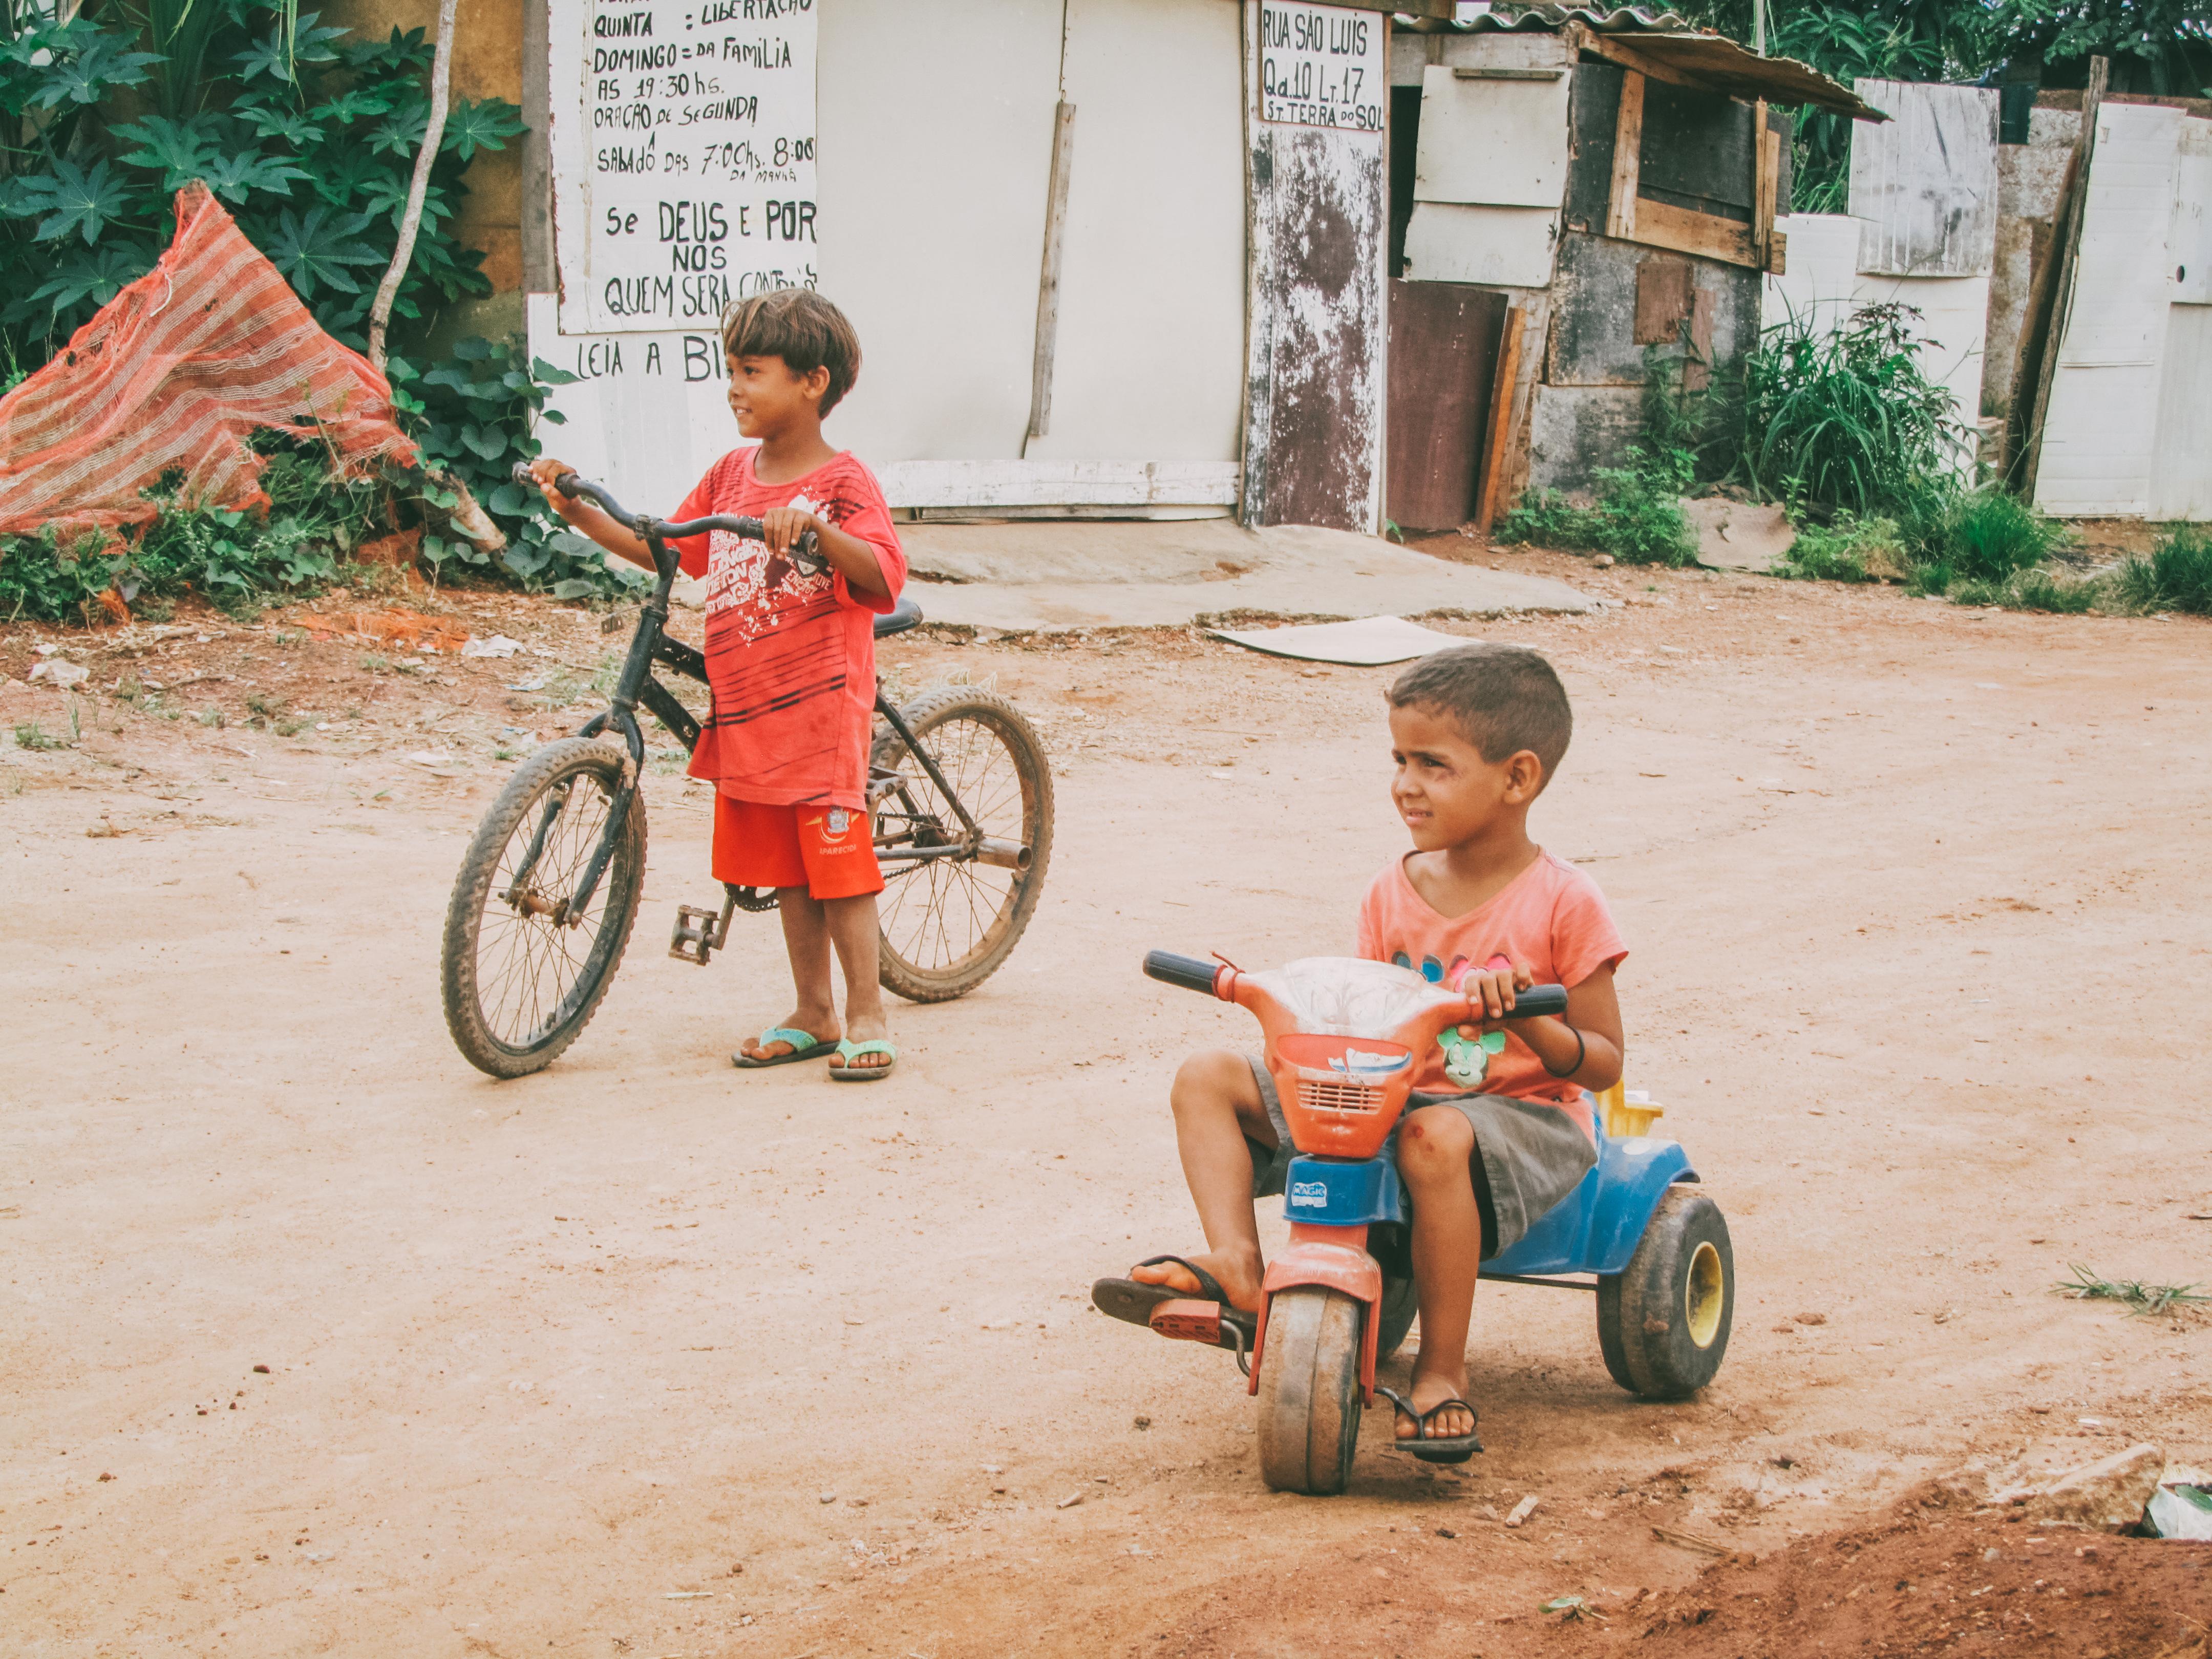 Foto: Rafael Dias (12 anos)